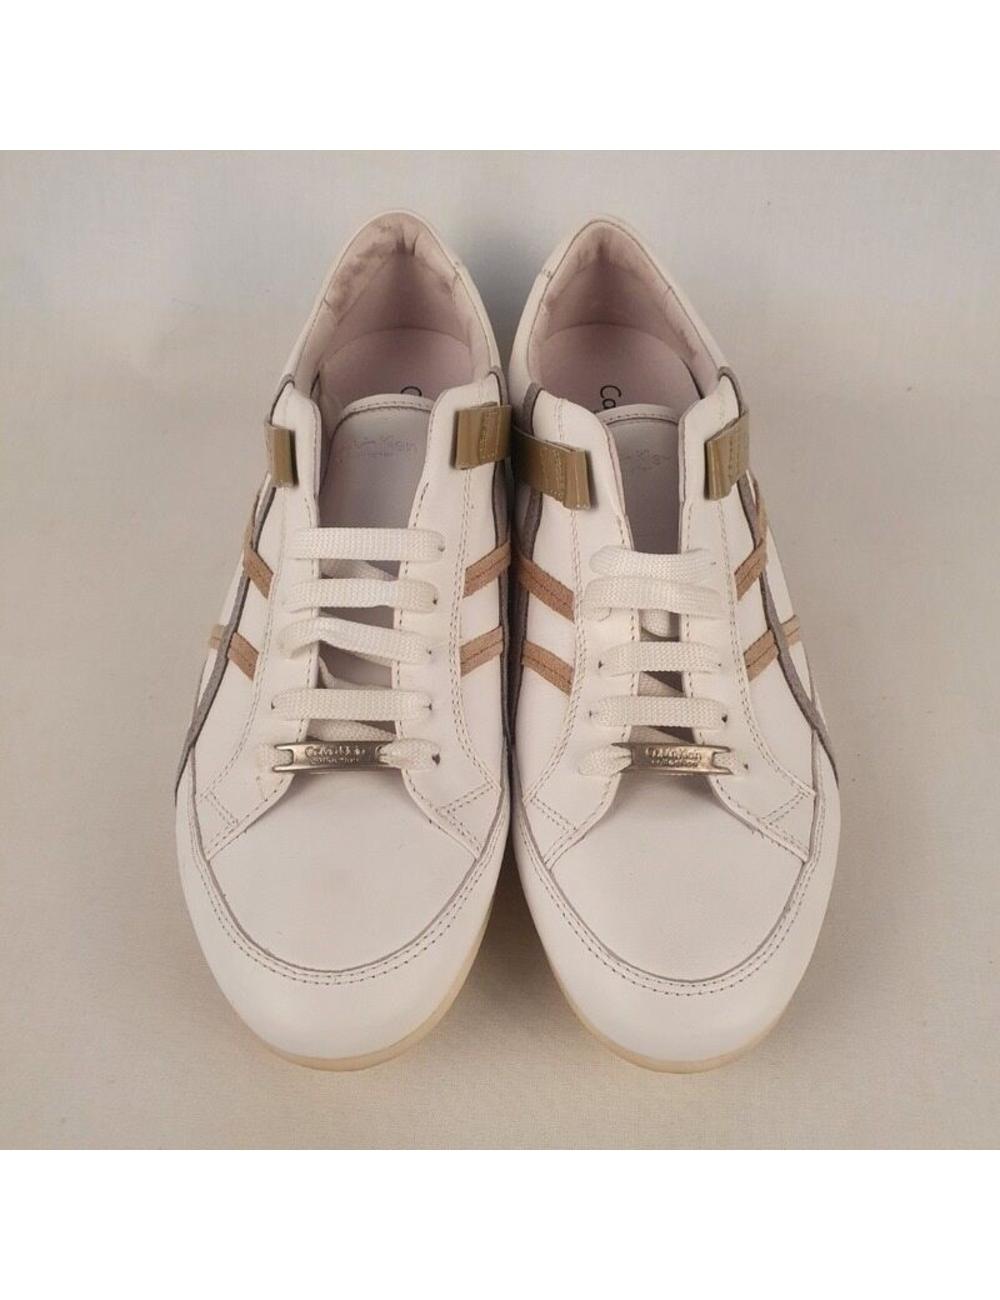 CALVIN KLEIN白色皮革人低幫運動鞋4586 類別:男士>鞋>運動鞋>低幫運動鞋 年份:假 顏色代碼(RGB代碼):#917e70 大小信息:260사이즈보유중입니다。 性別:男人 材質:皮革